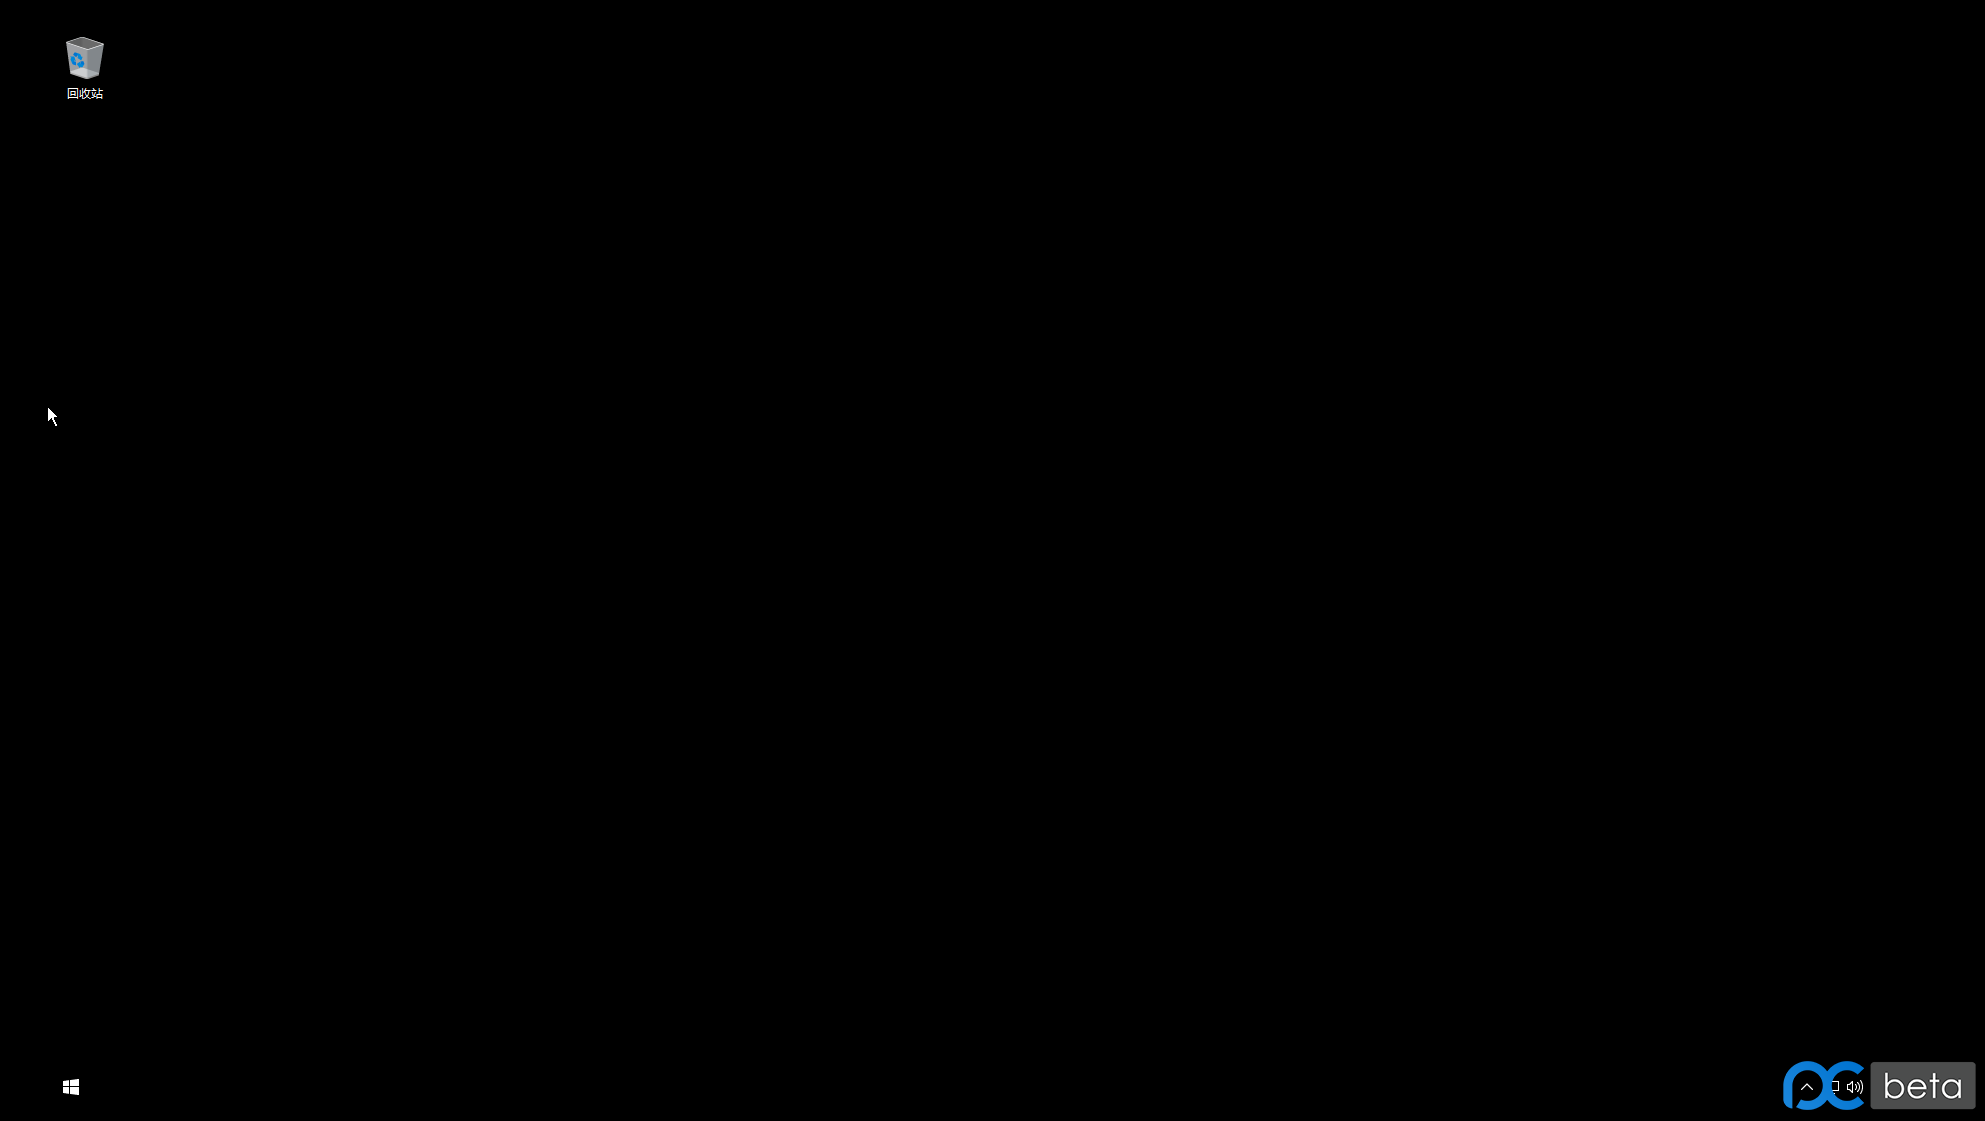 界面1.png